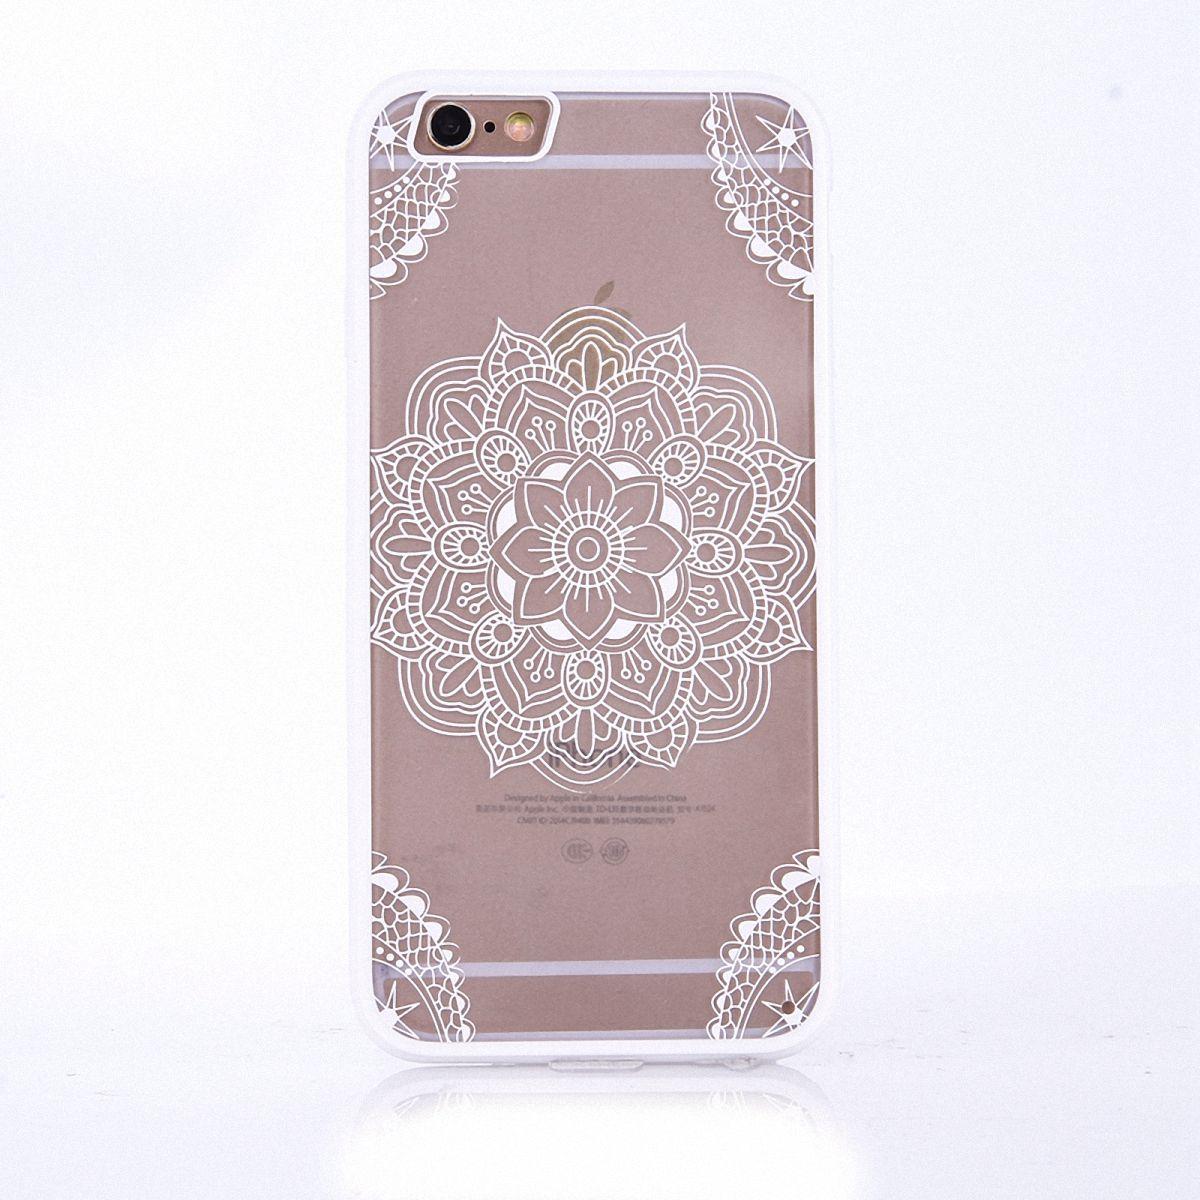 iphone 6 handy hülle weiß